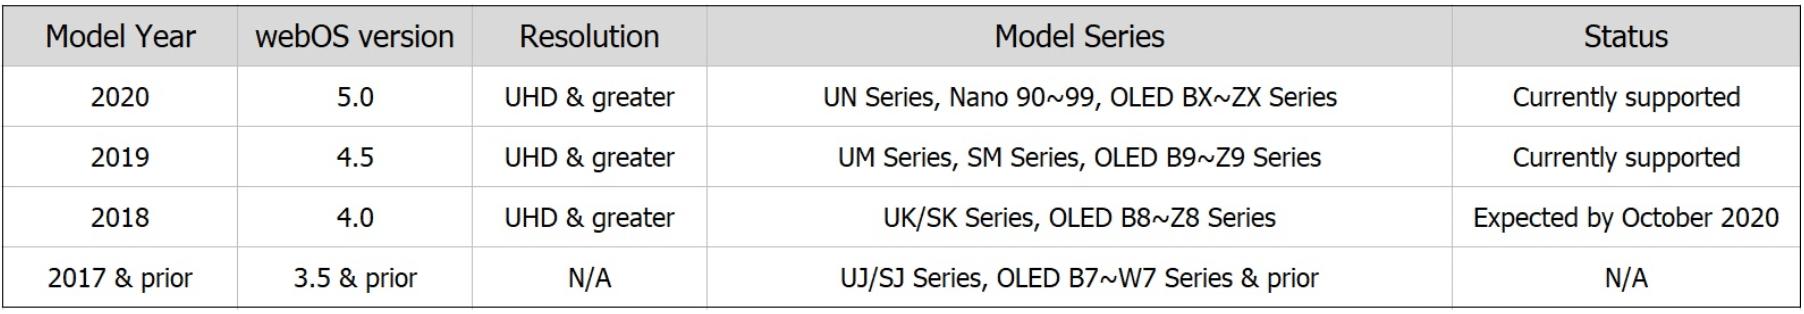 Tabela com atualização de TVs da LG